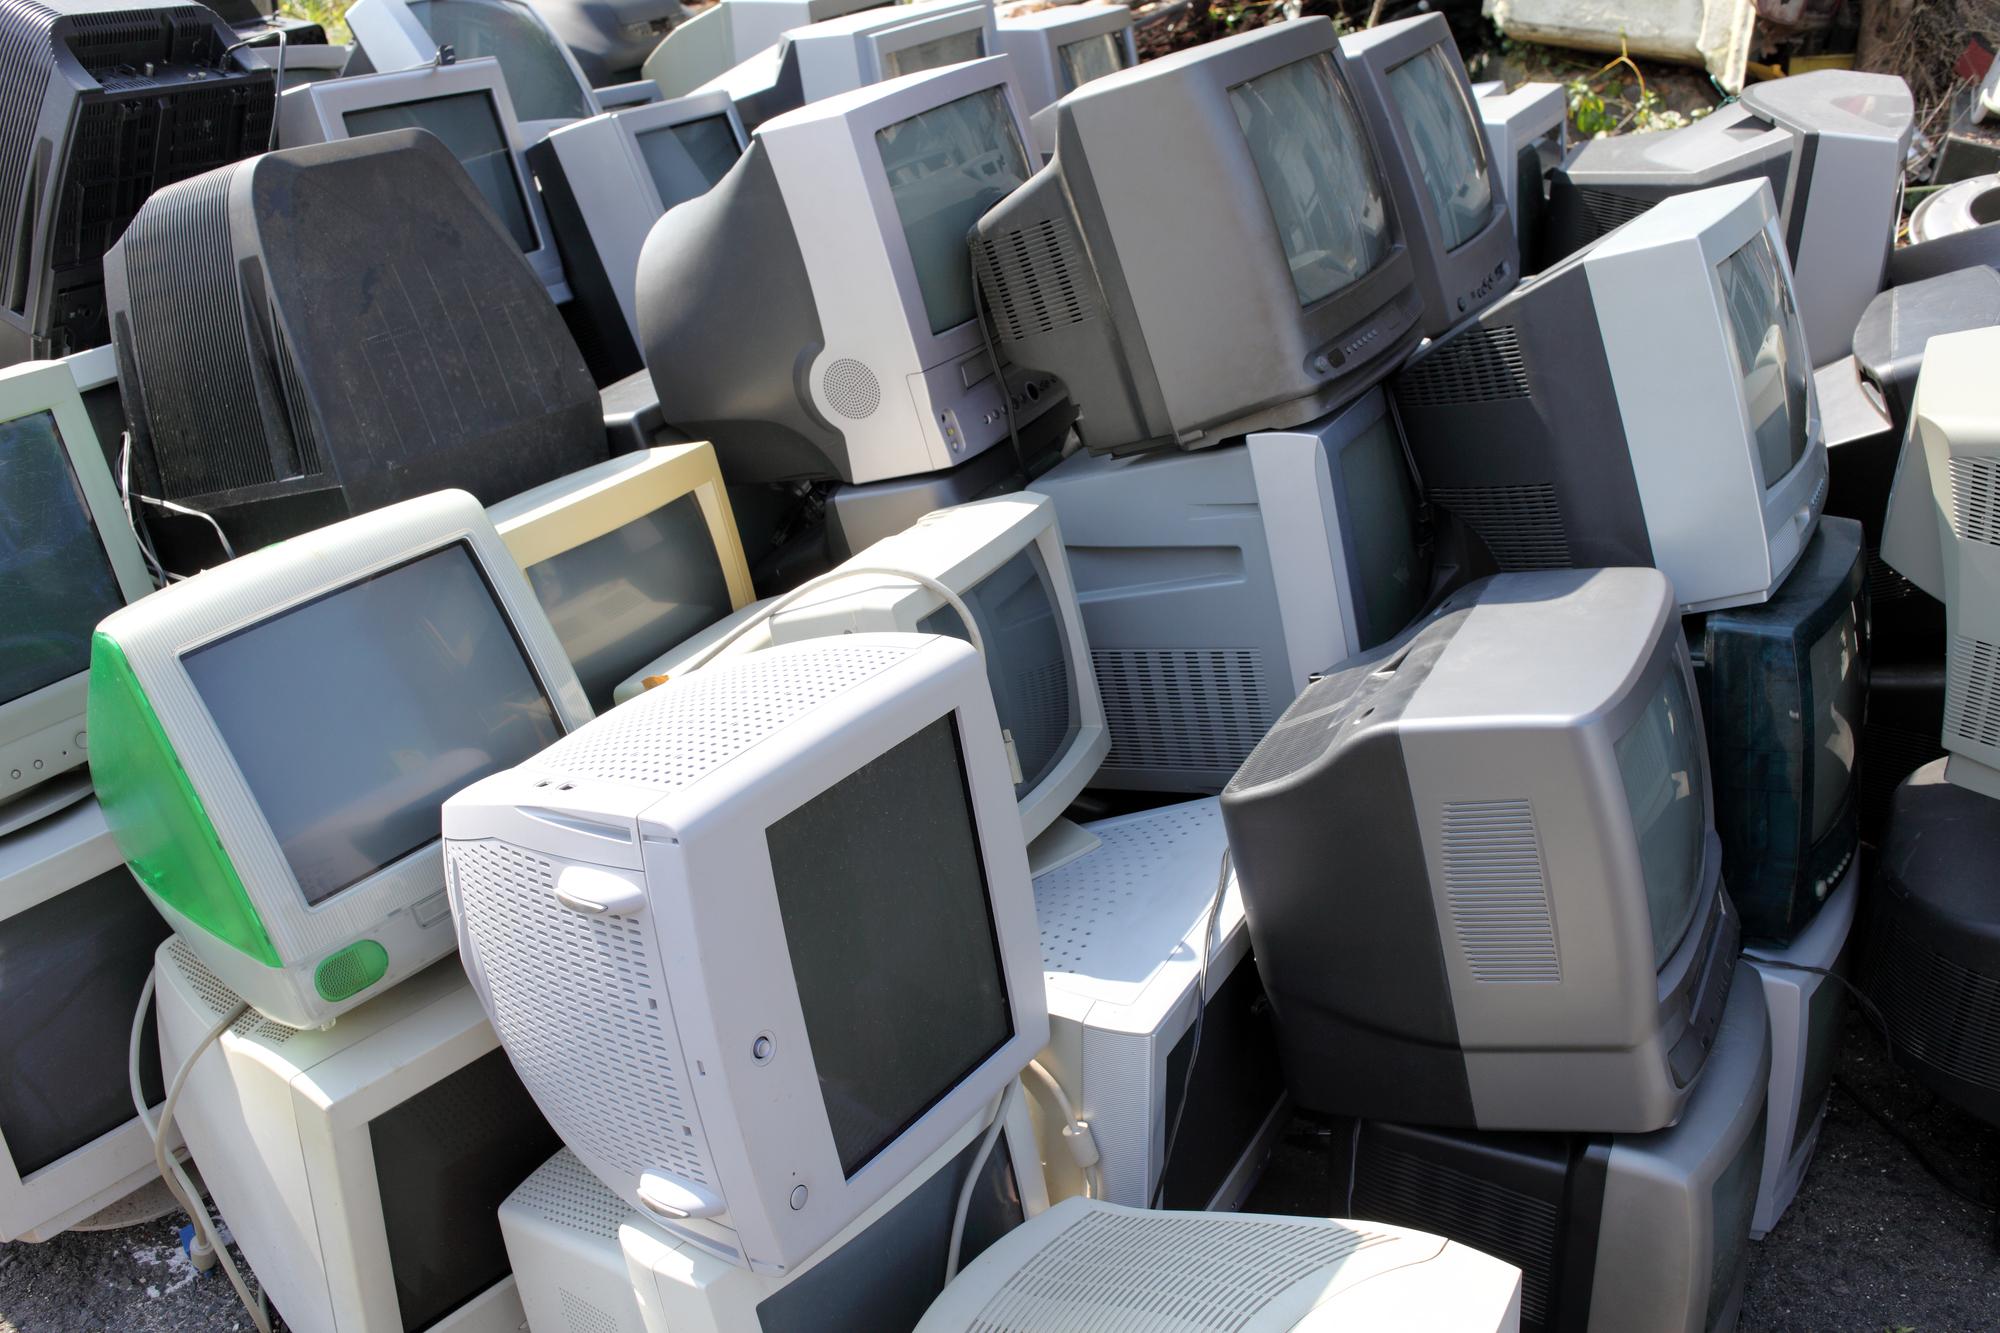 02_千代田区民は要チェック!処分費用無料で安心・安全にパソコンを処分する方法とは?